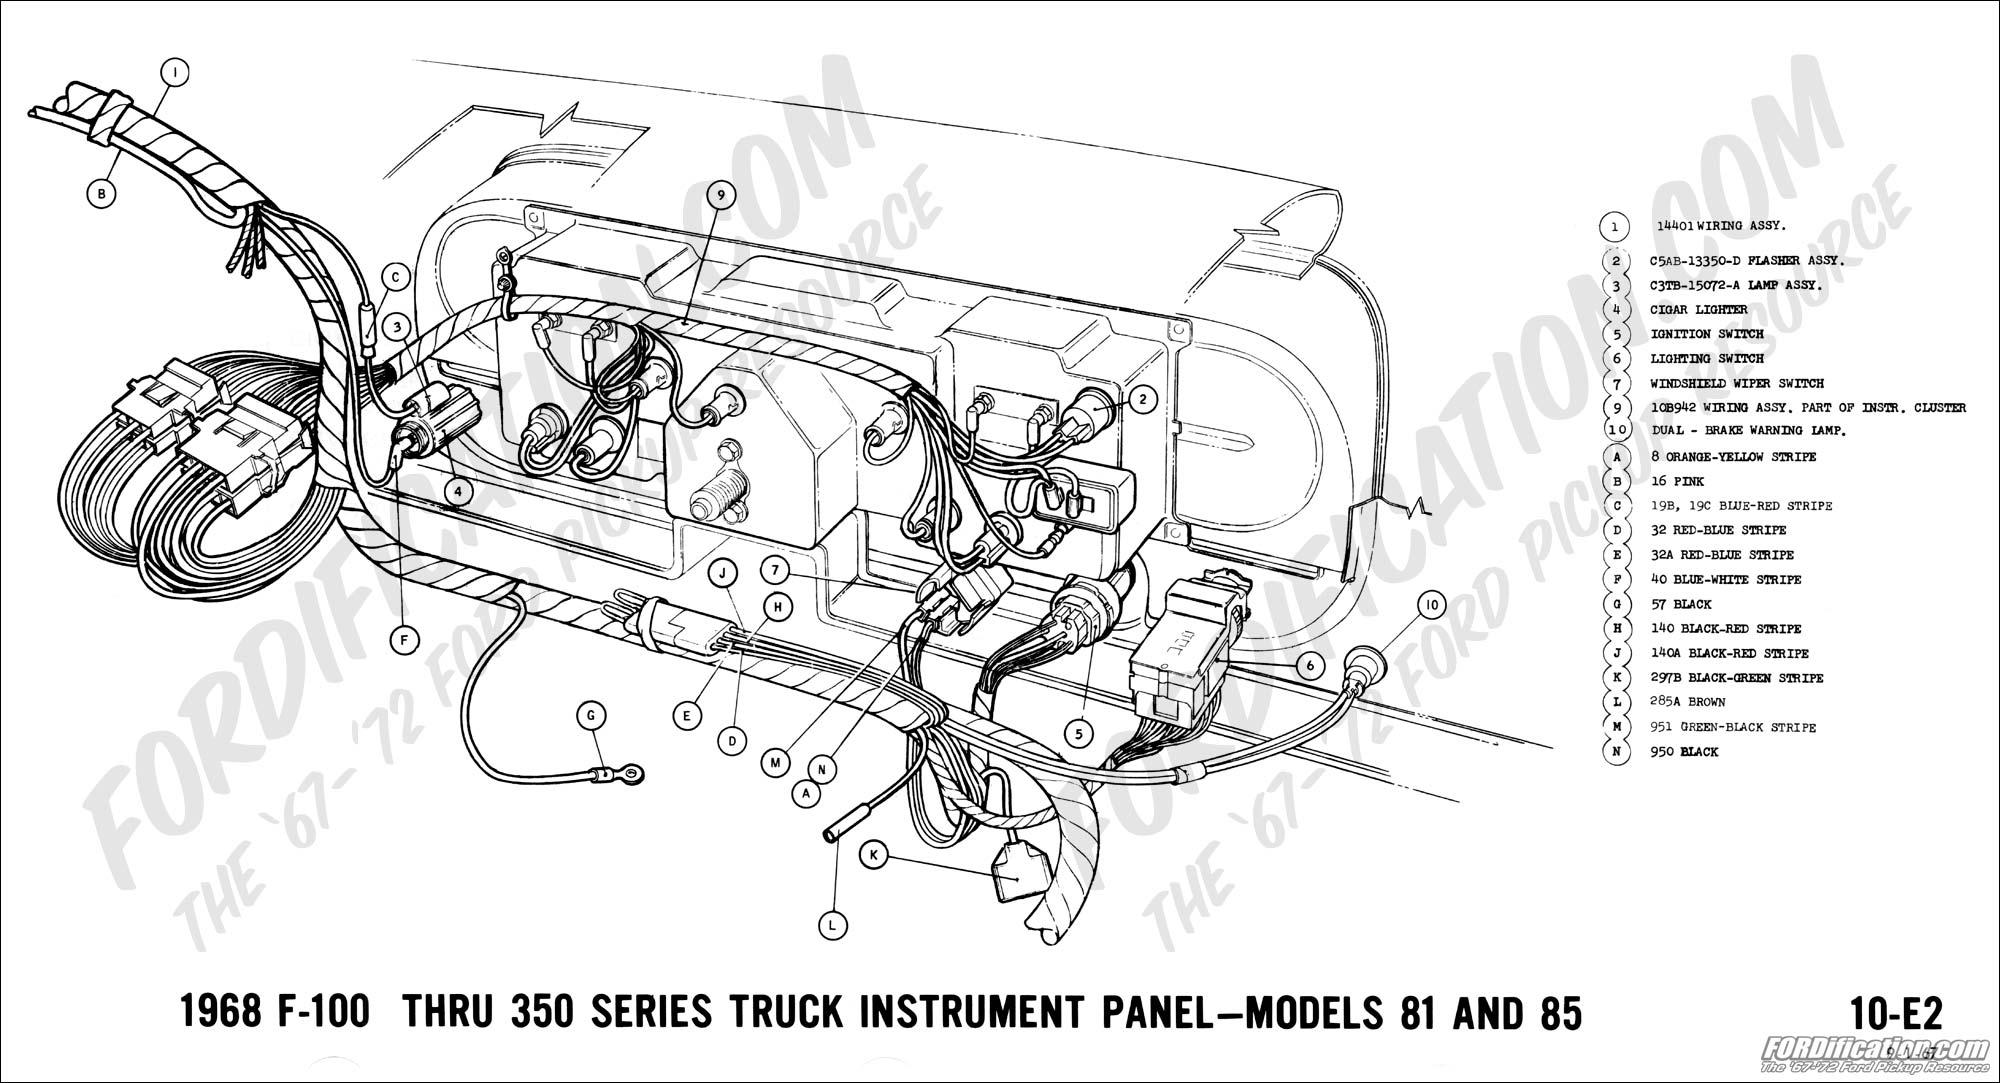 Cool 68 Mustang Alternator Wiring Diagram Basic Electronics Wiring Diagram Wiring Cloud Uslyletkolfr09Org